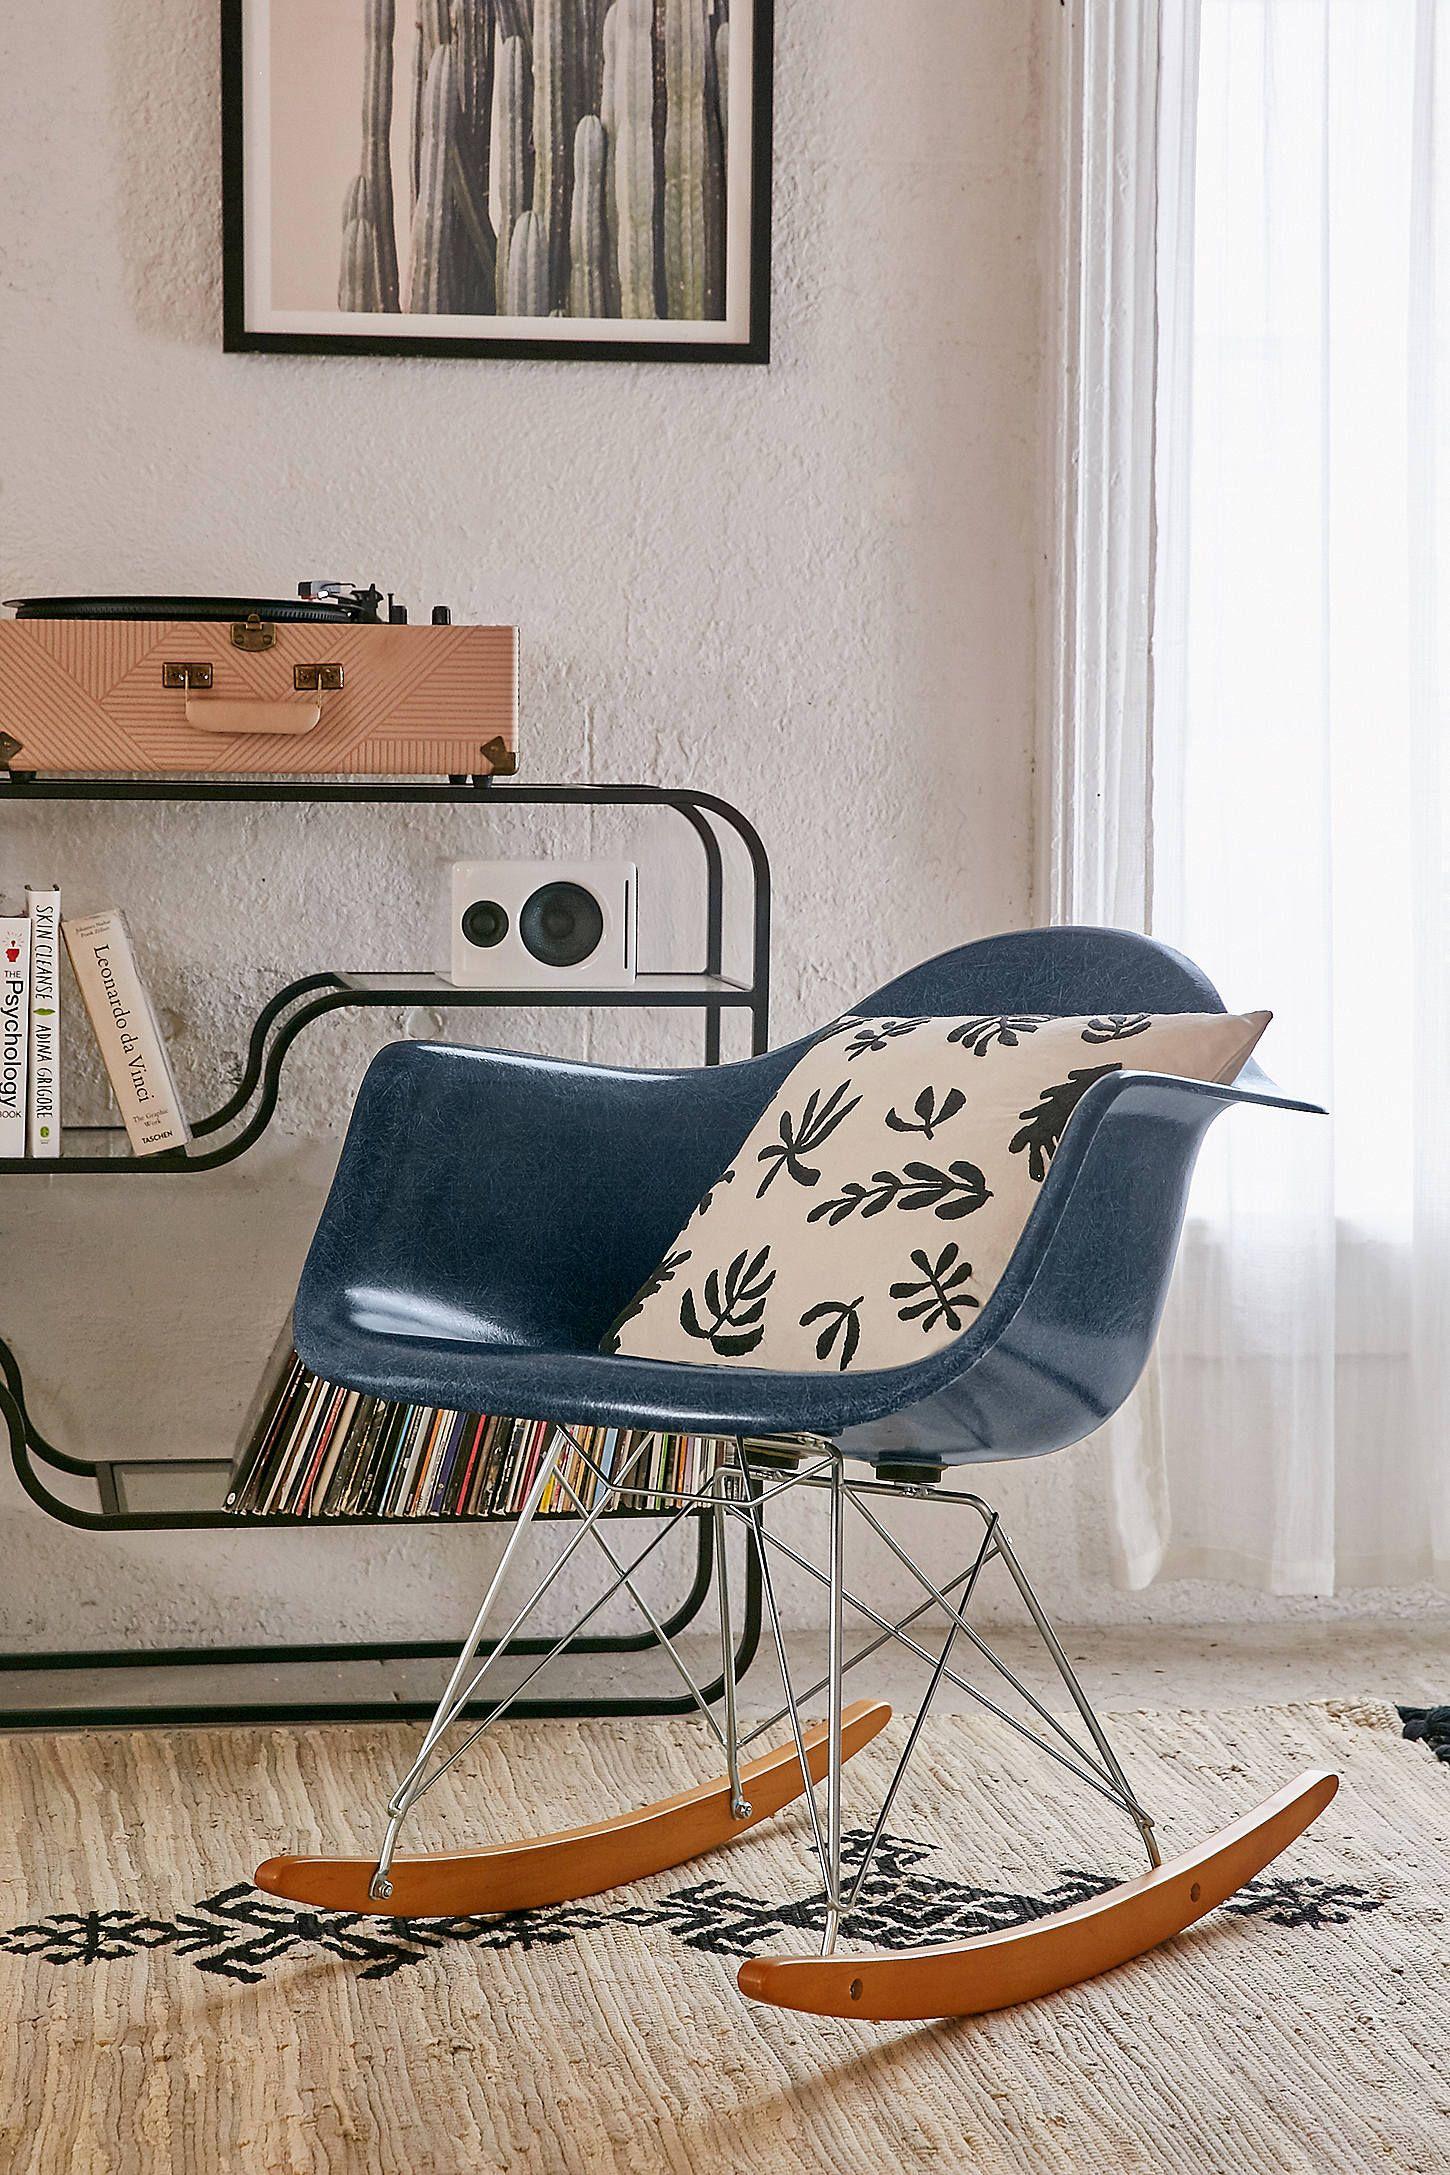 Modernica Fiberglass Arm Shell Rocking Chair Rocking Chair Chair Blue Chairs Living Room